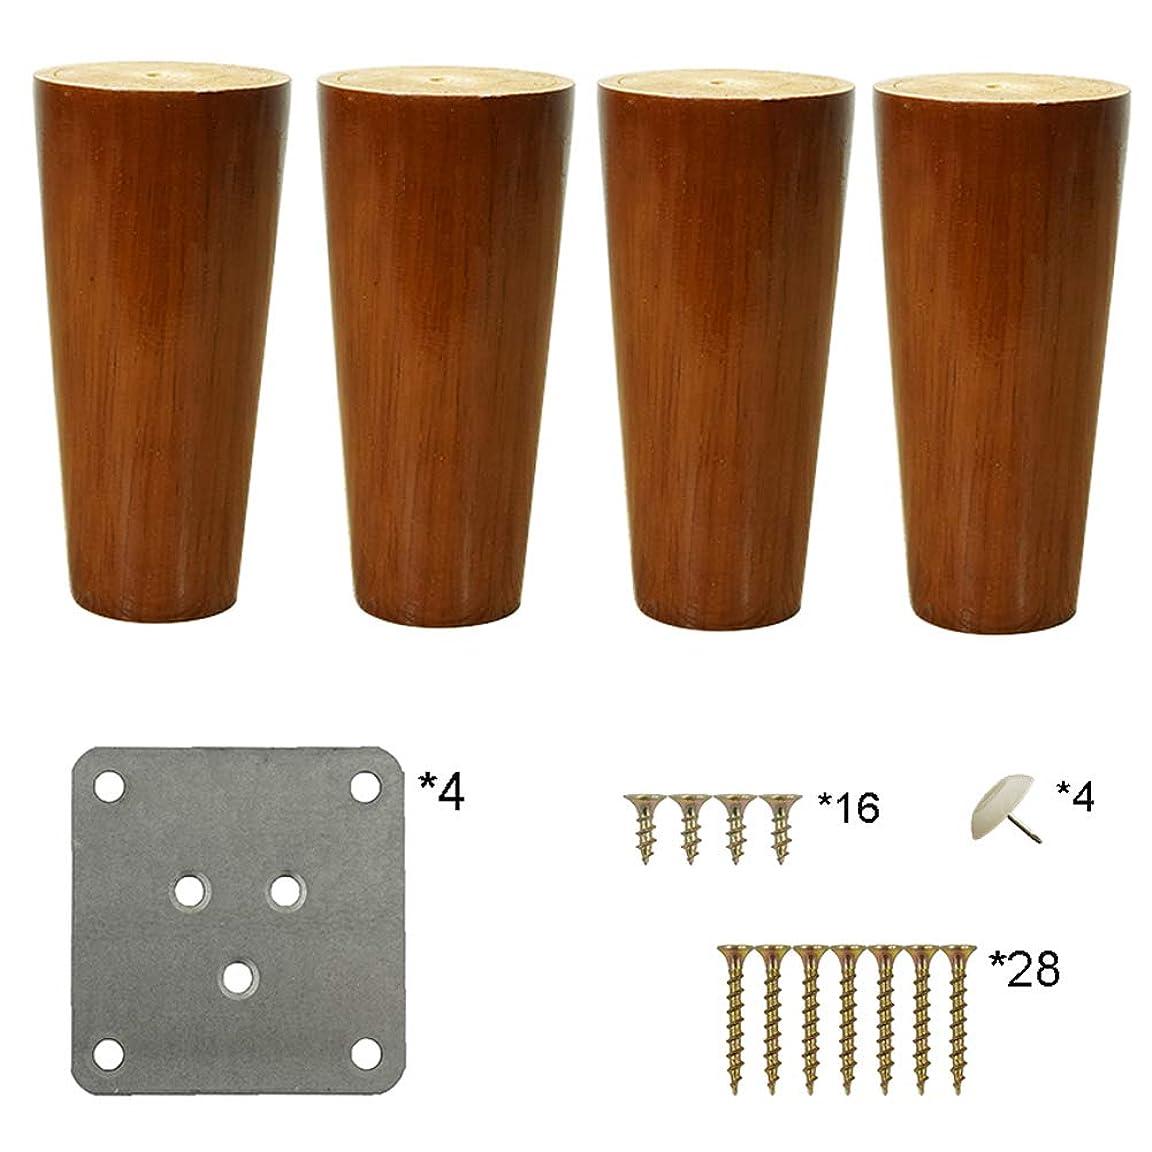 透明に不純南アメリカソリッドウッド製家具脚、ラバーウッド、テーパードコーヒーテーブルソファテレビキャビネットサポート脚、ベッドキャビネットバスルームキャビネット交換脚(4個、8-30cm)